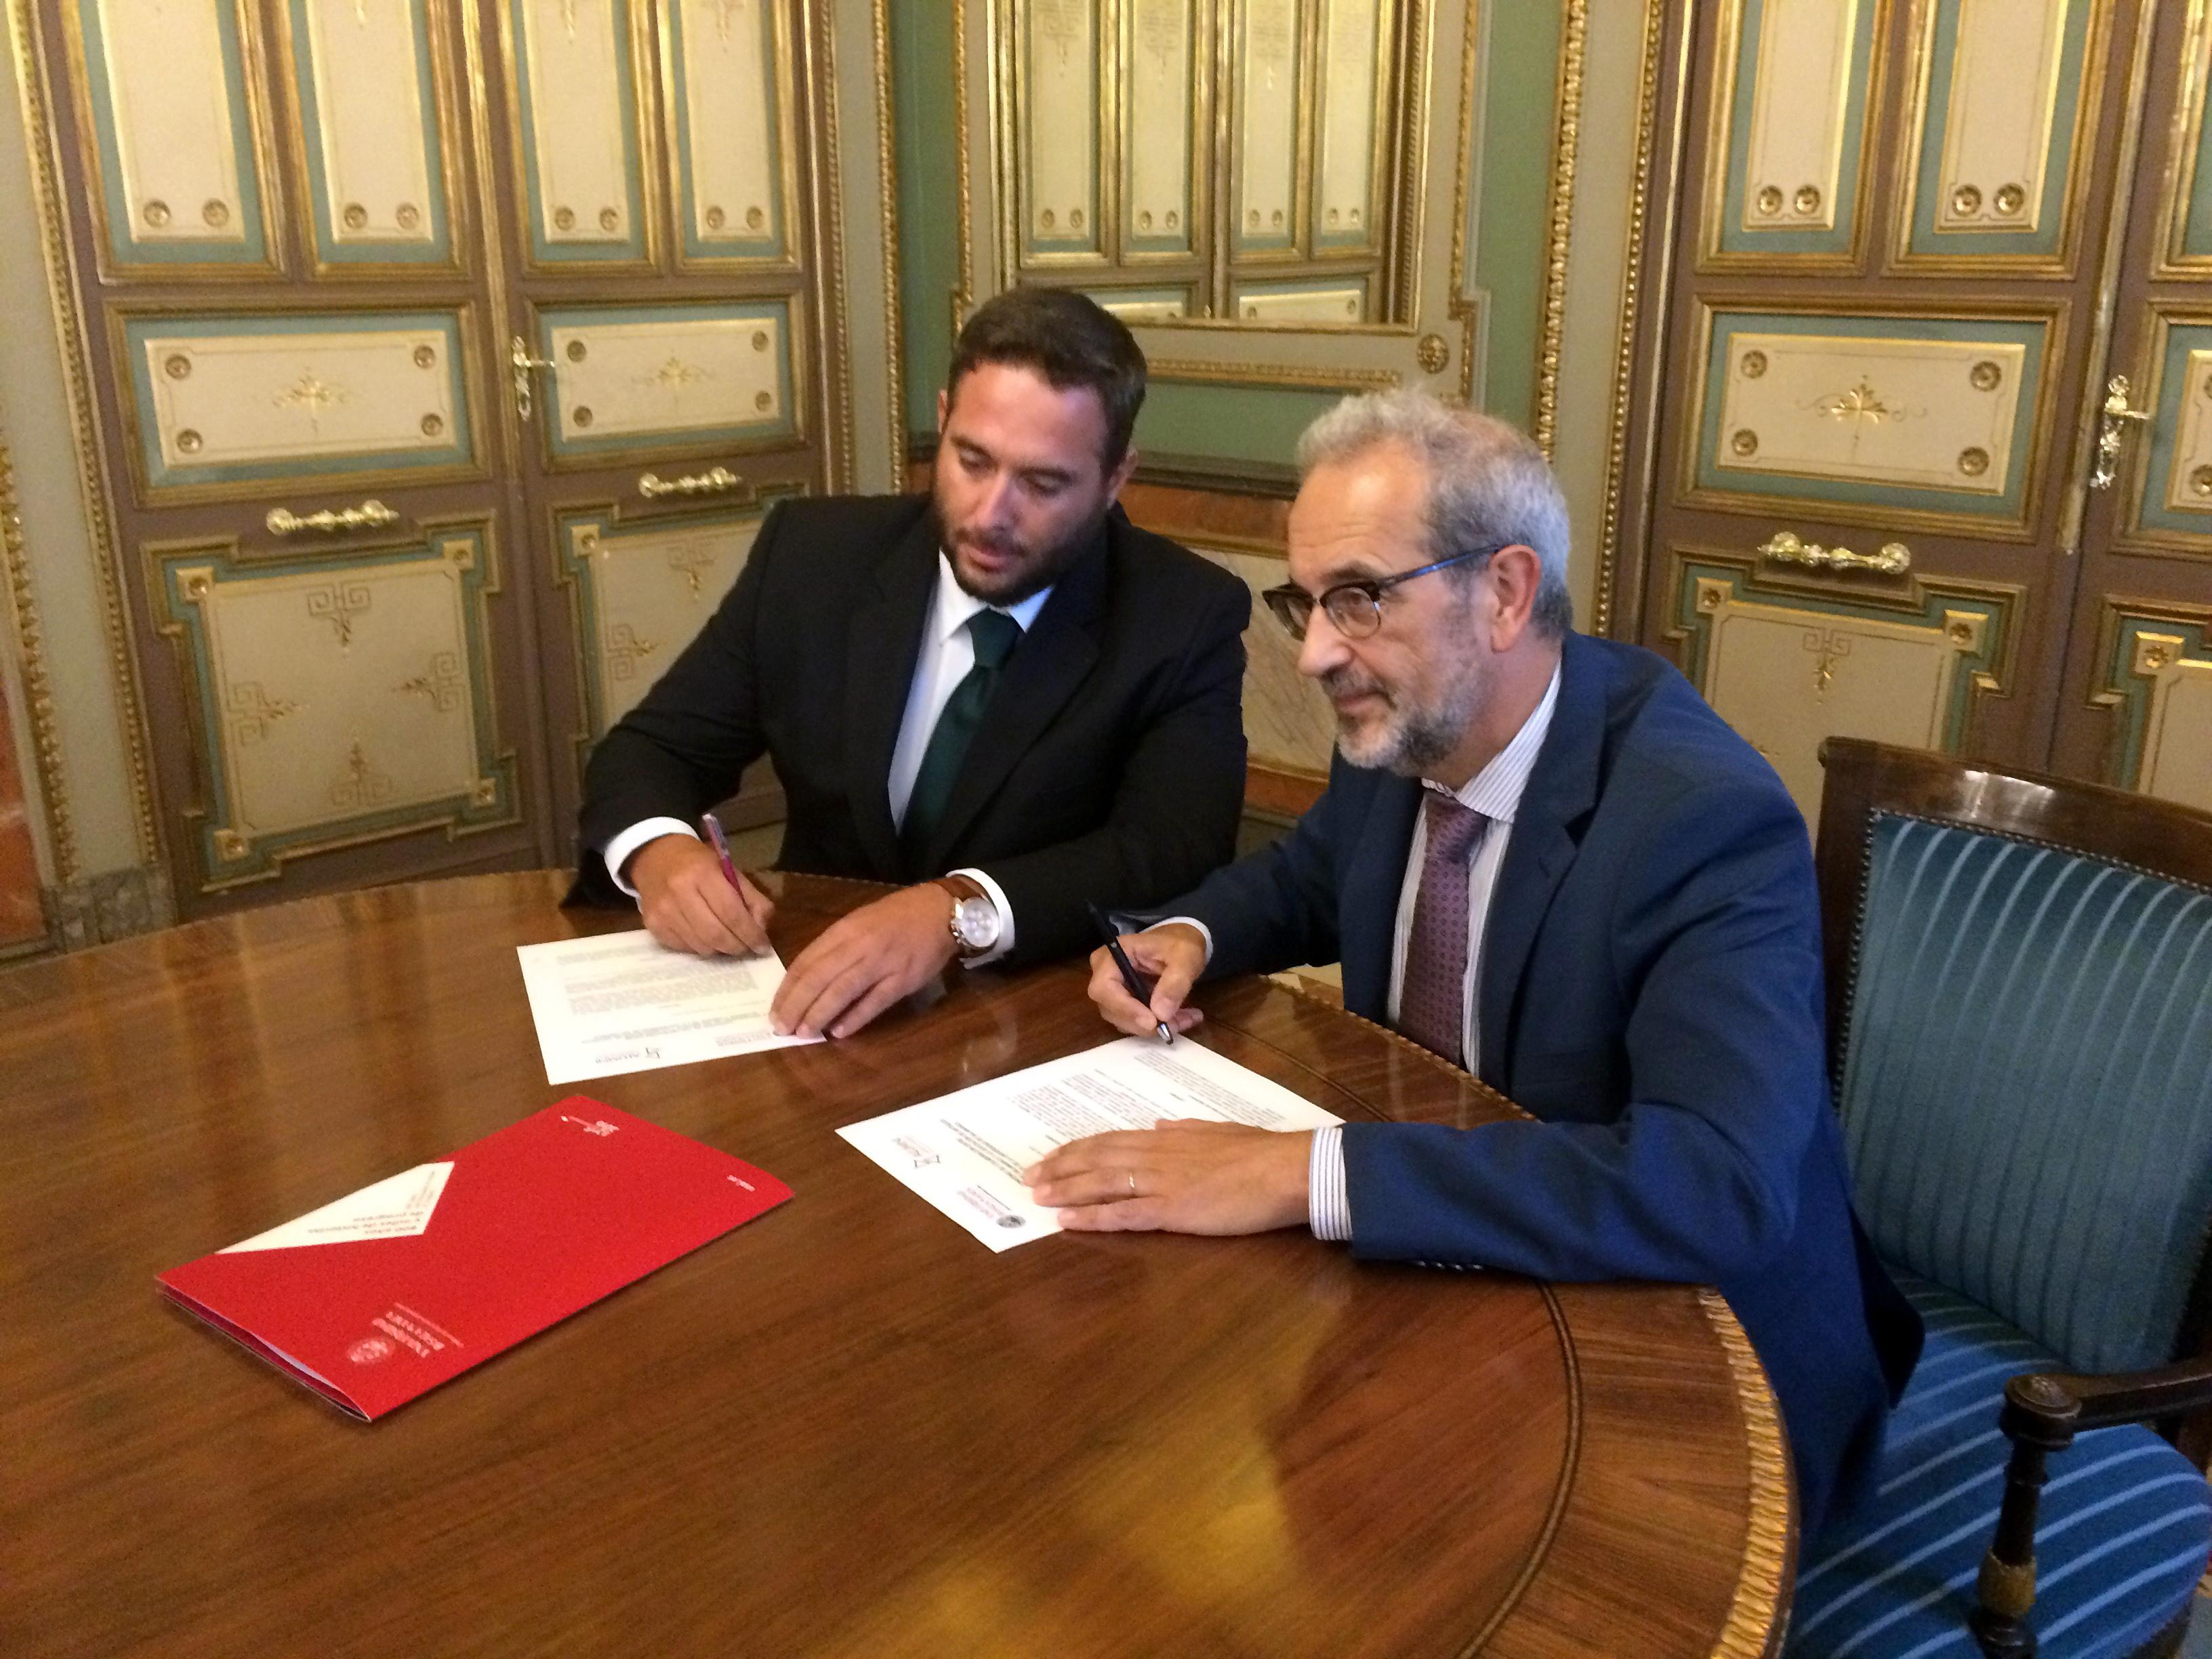 La Universidad de Salamanca y Alumni-Universidad de Salamanca suscriben un convenio para fomentar la vinculación de sus antiguos alumnos e impulsar el desarrollo de actividades conjuntas